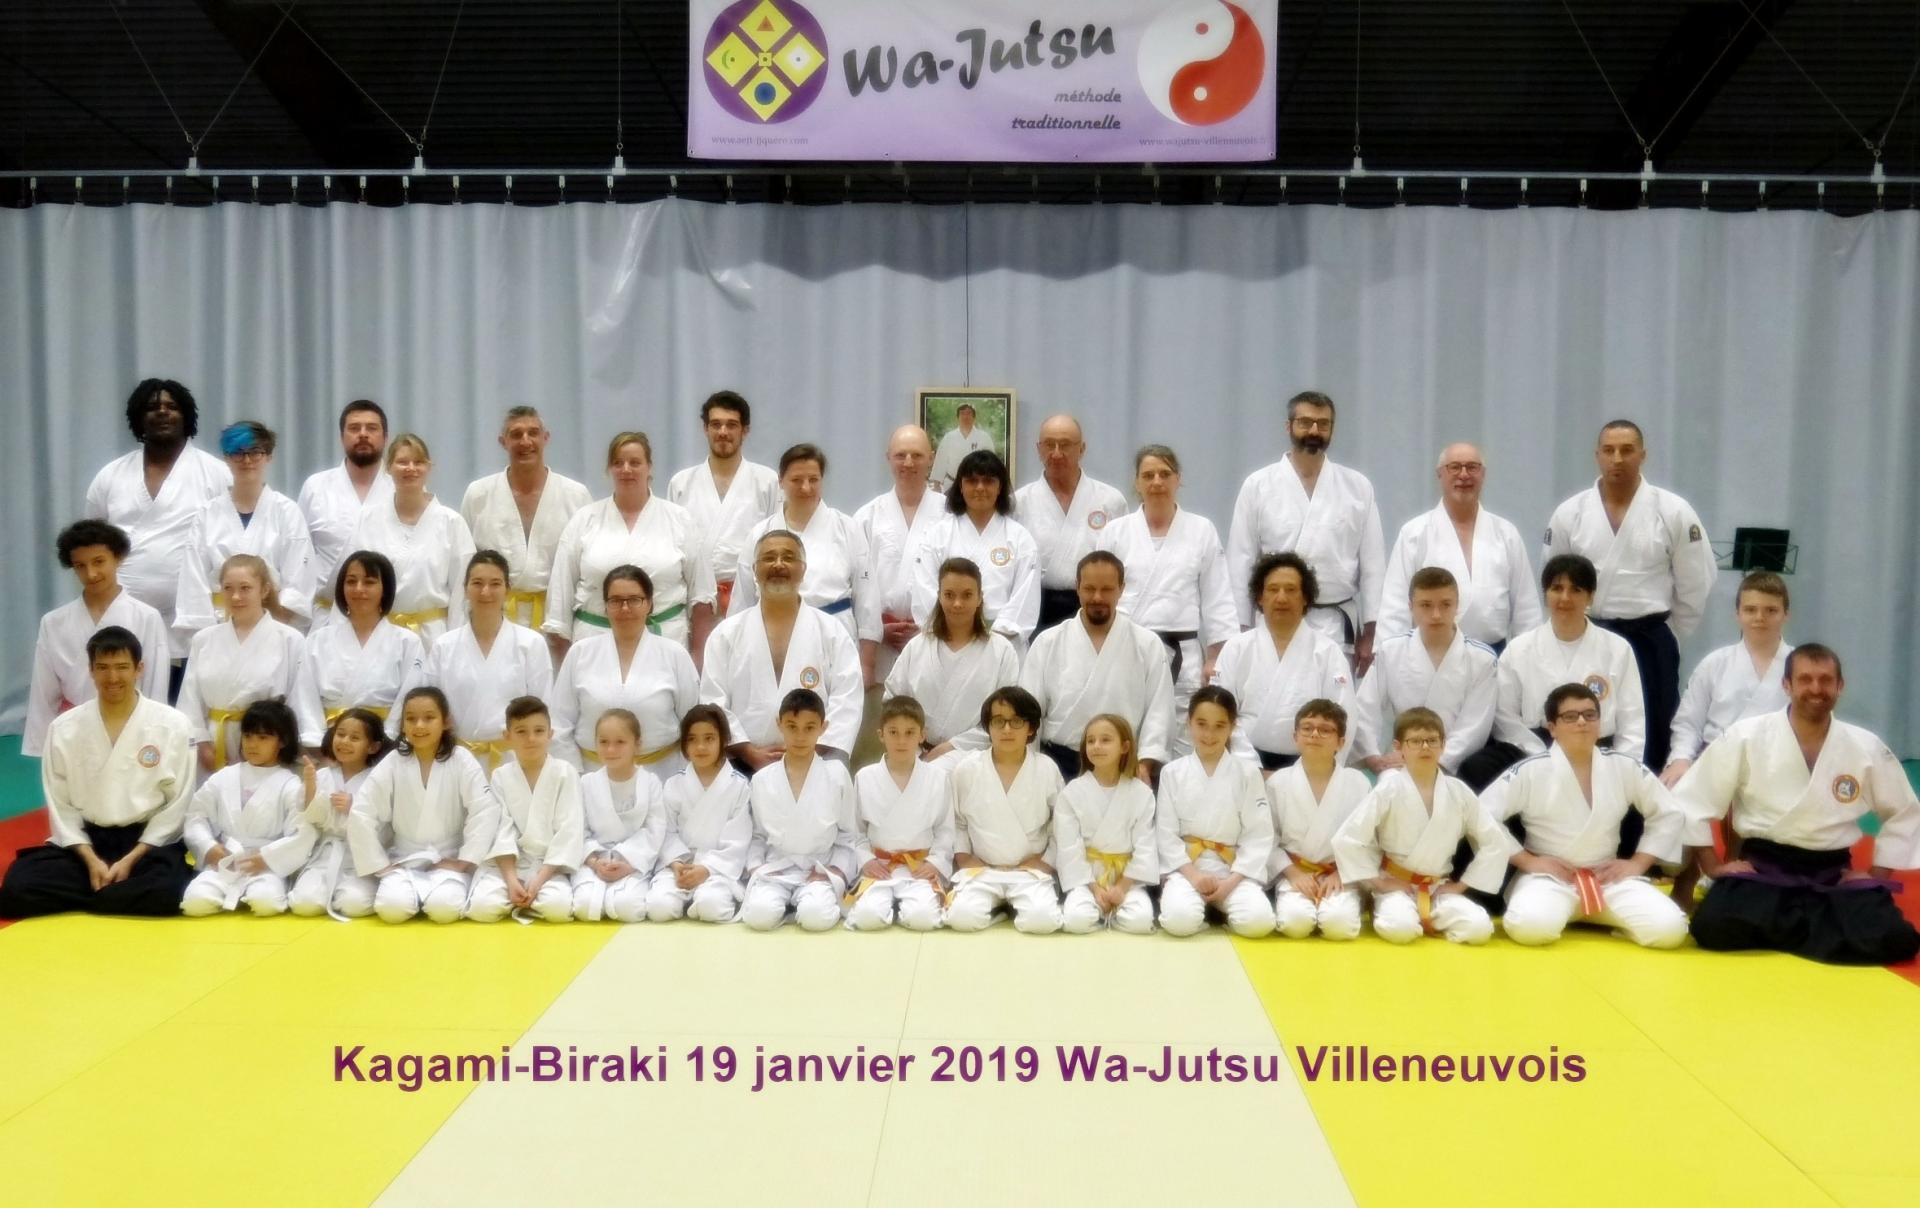 Kagami-Biraki Villeneuve 19 janvier 2019